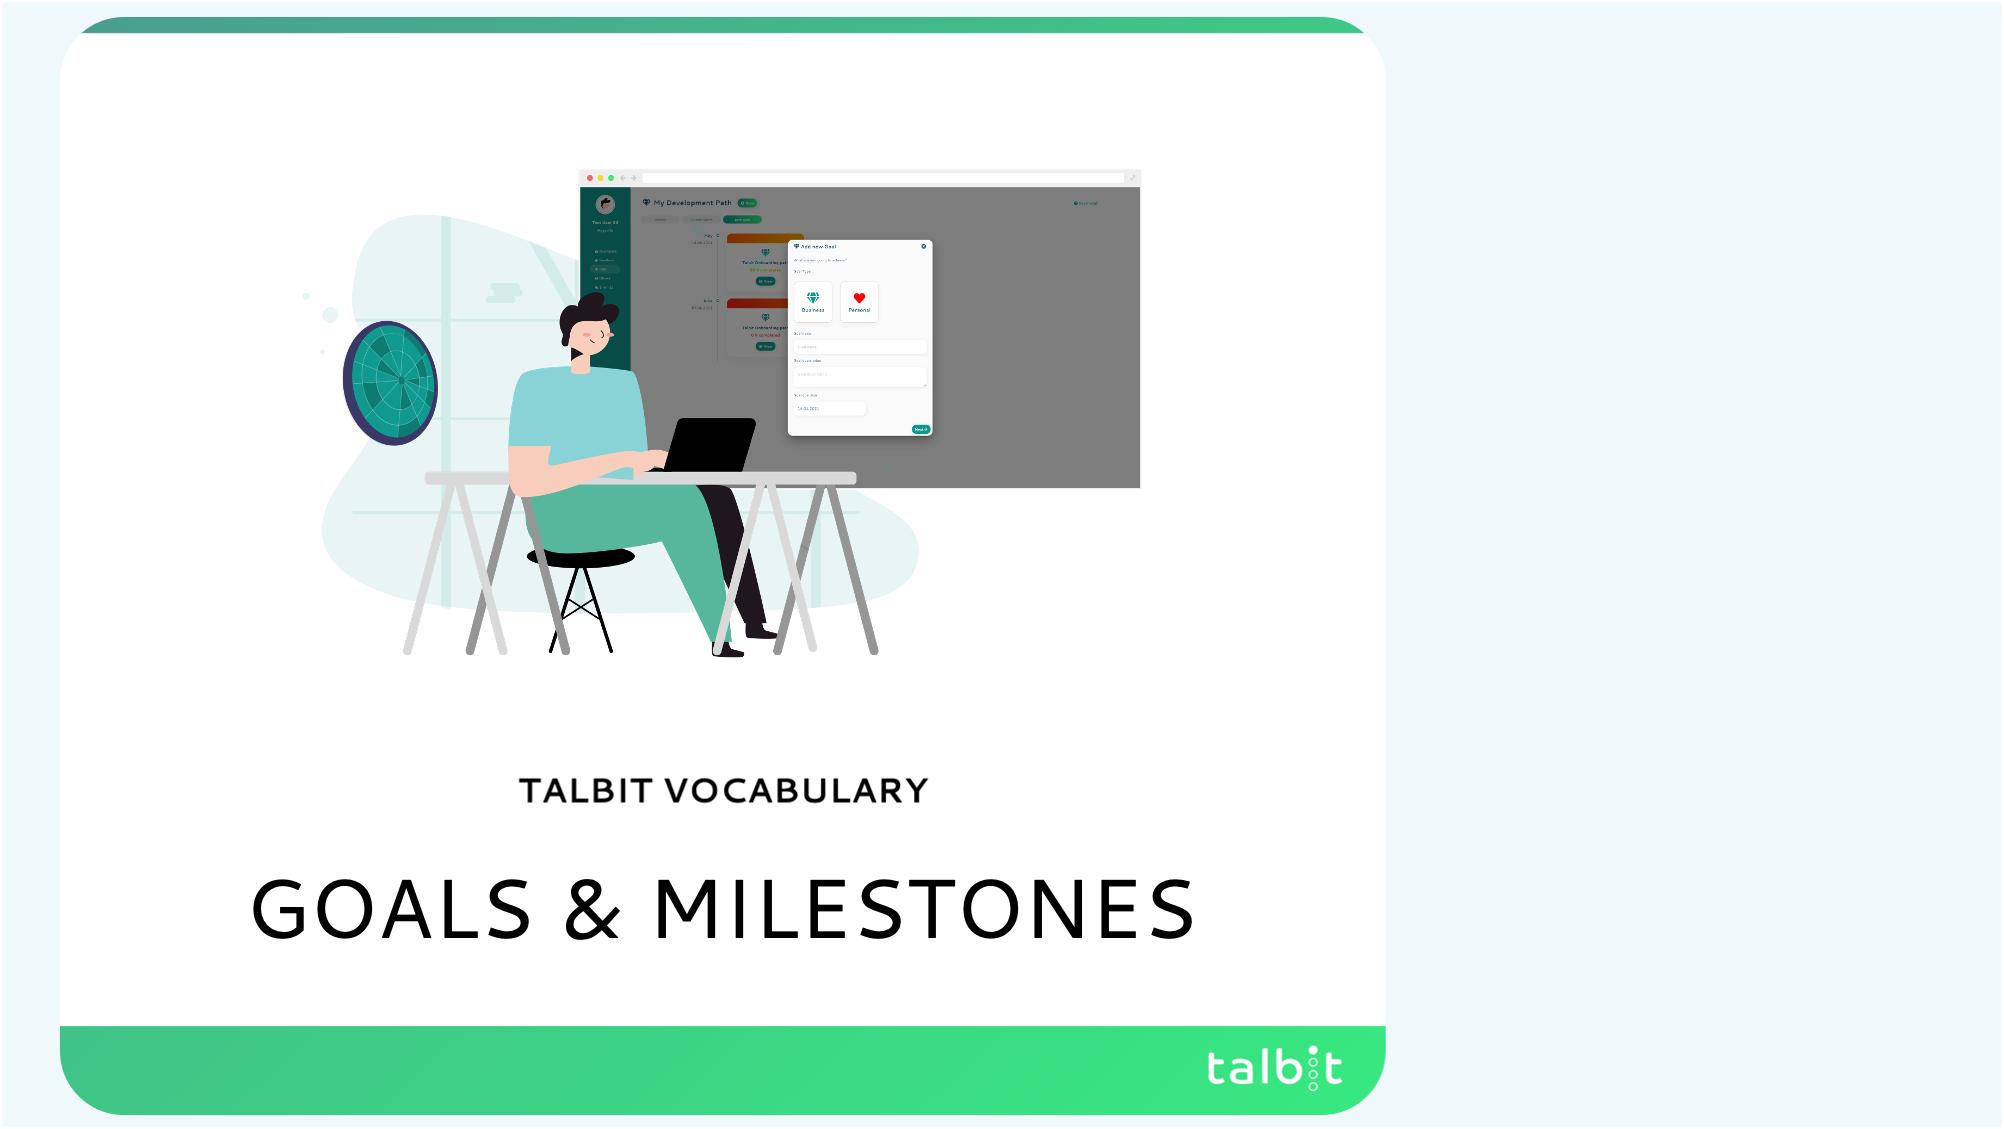 Vocabulary: Goals & Milestones